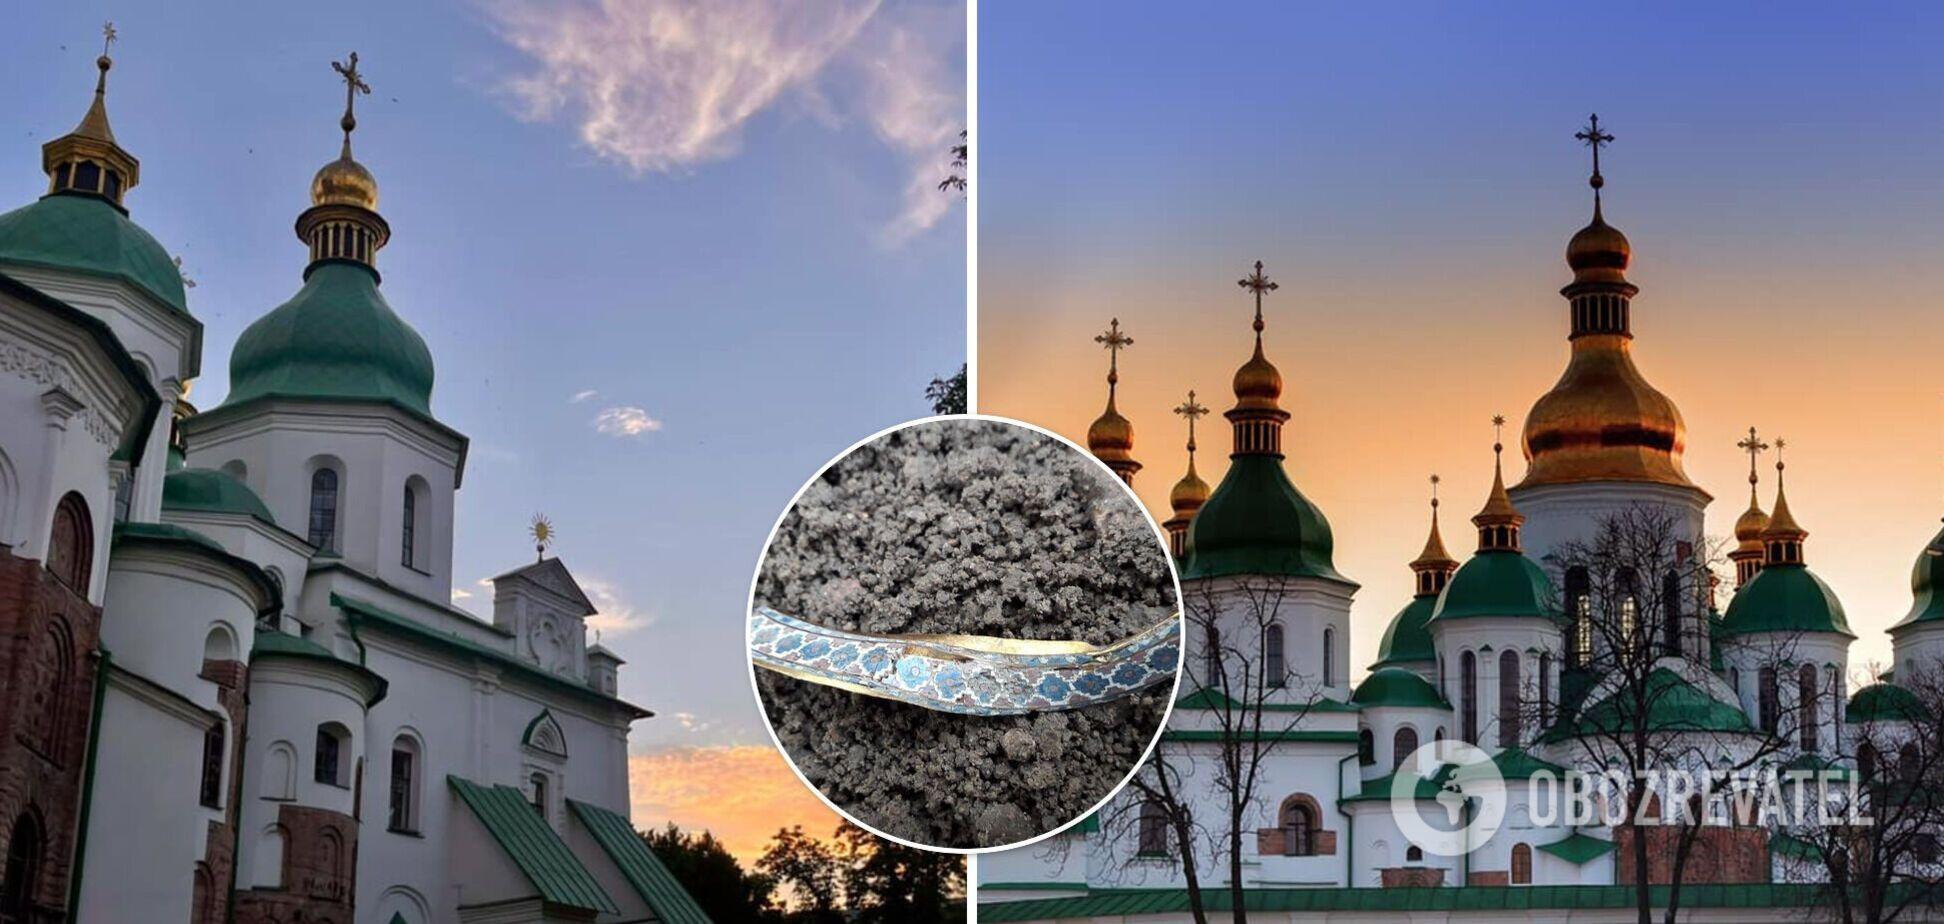 Археологічна знахідка біля Софії Київської